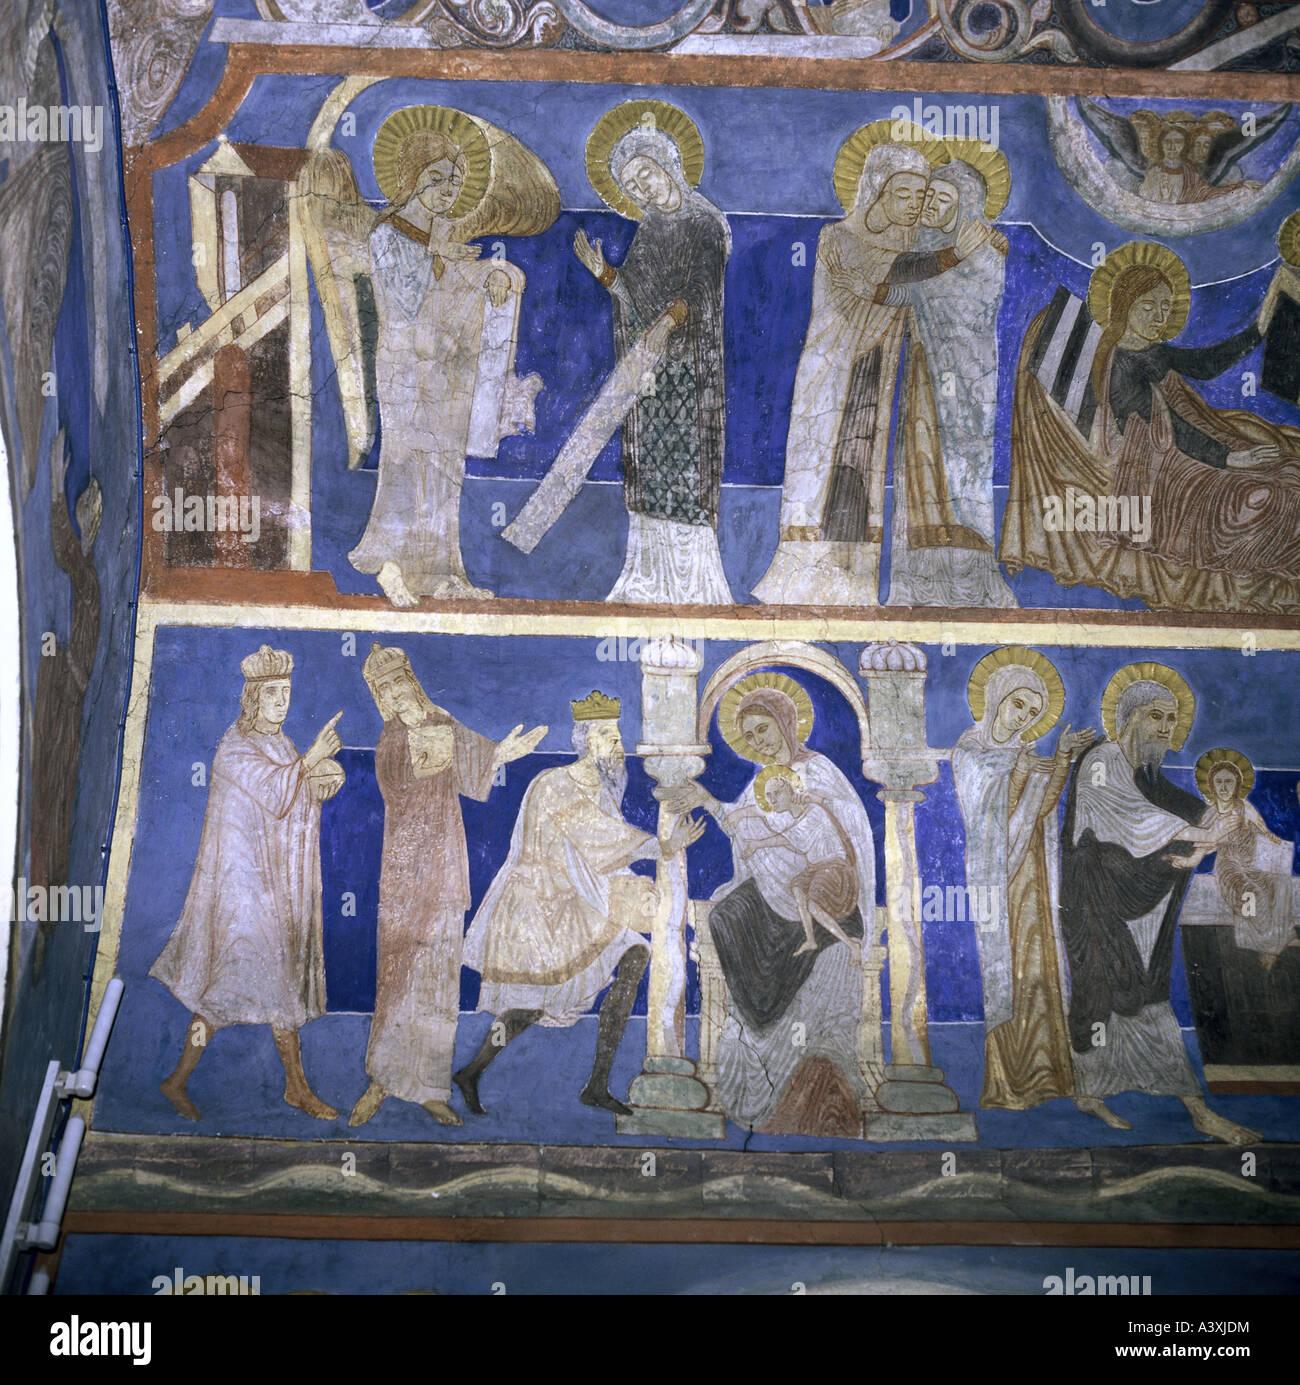 Belle arti, l'arte religiosa, Santa Maria, l'annunciazione, la visitazione e l adorazione dei Magi, pittura, Immagini Stock